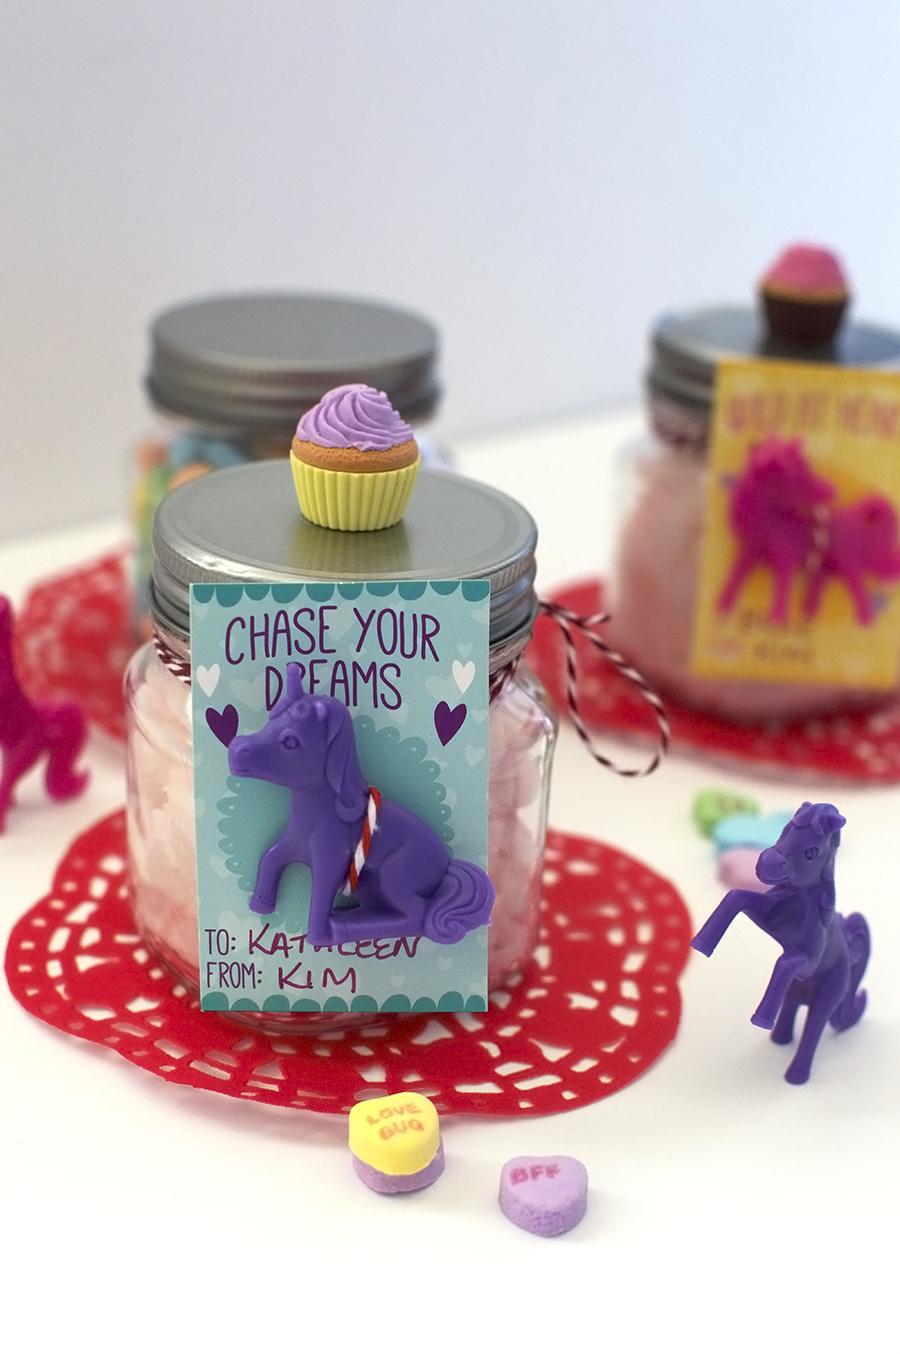 Make Your Own Pink Sugar Coconut Scrub (Easy DIY)